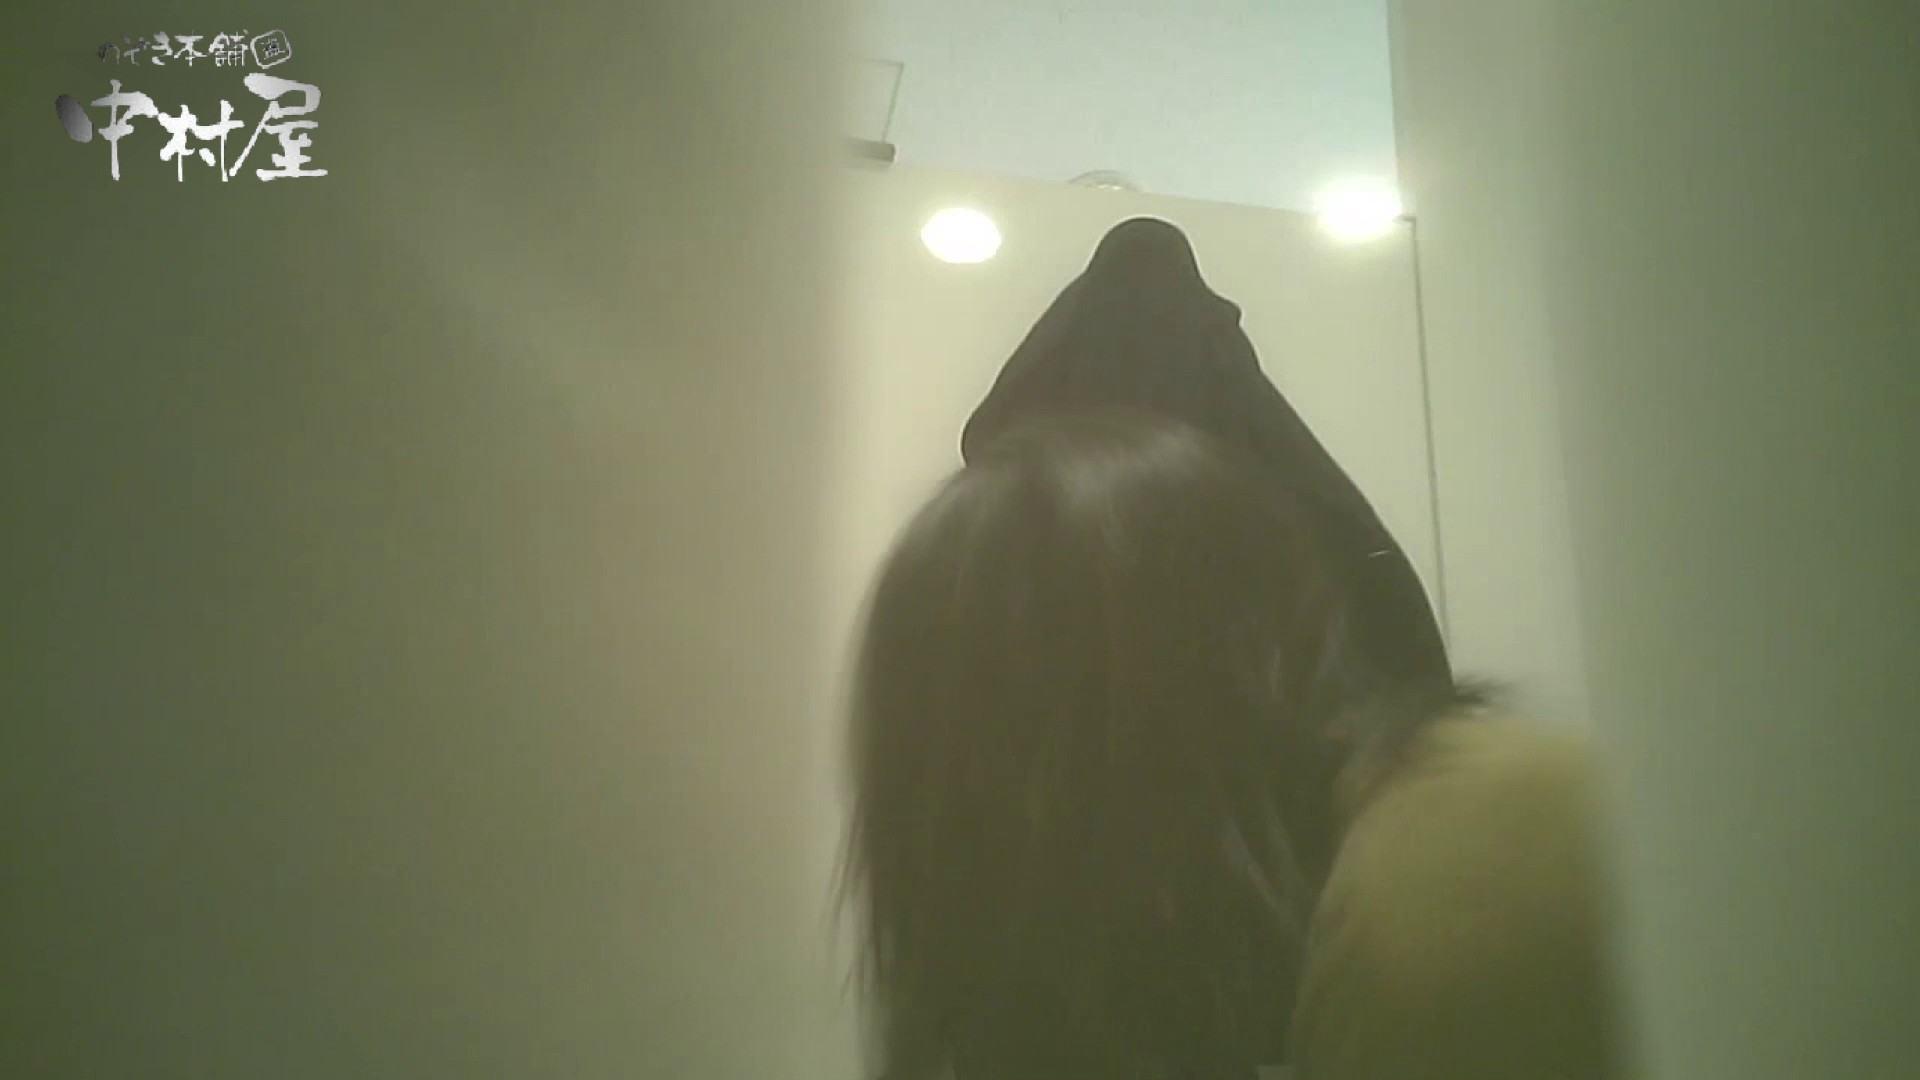 有名大学女性洗面所 vol.54 設置撮影最高峰!! 3視点でじっくり観察 和式 | 投稿  99連発 6